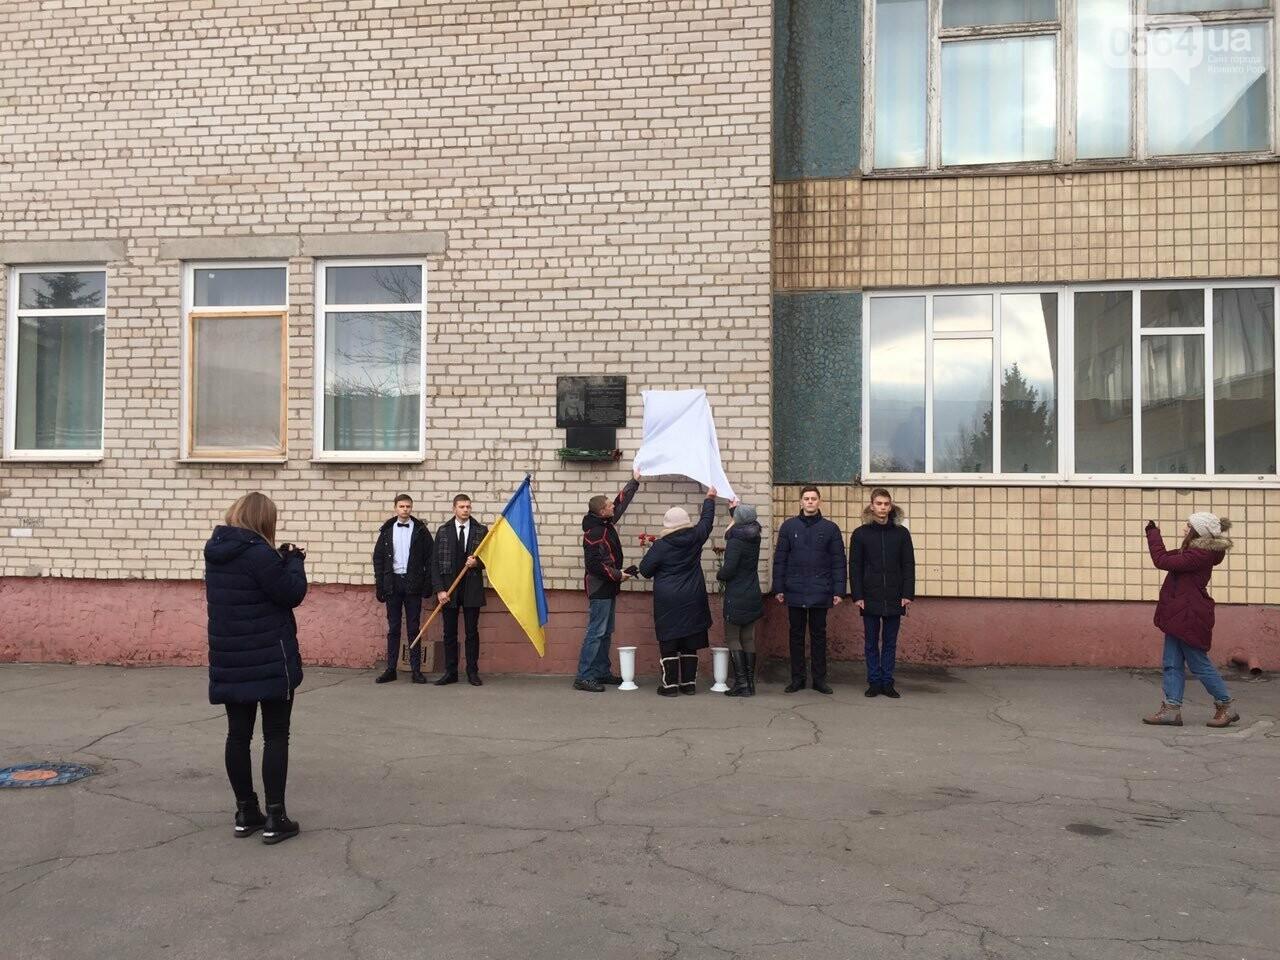 В криворожской школе открыли мемориальную доску в память о героически погибшем выпускнике - ФОТО, фото-7